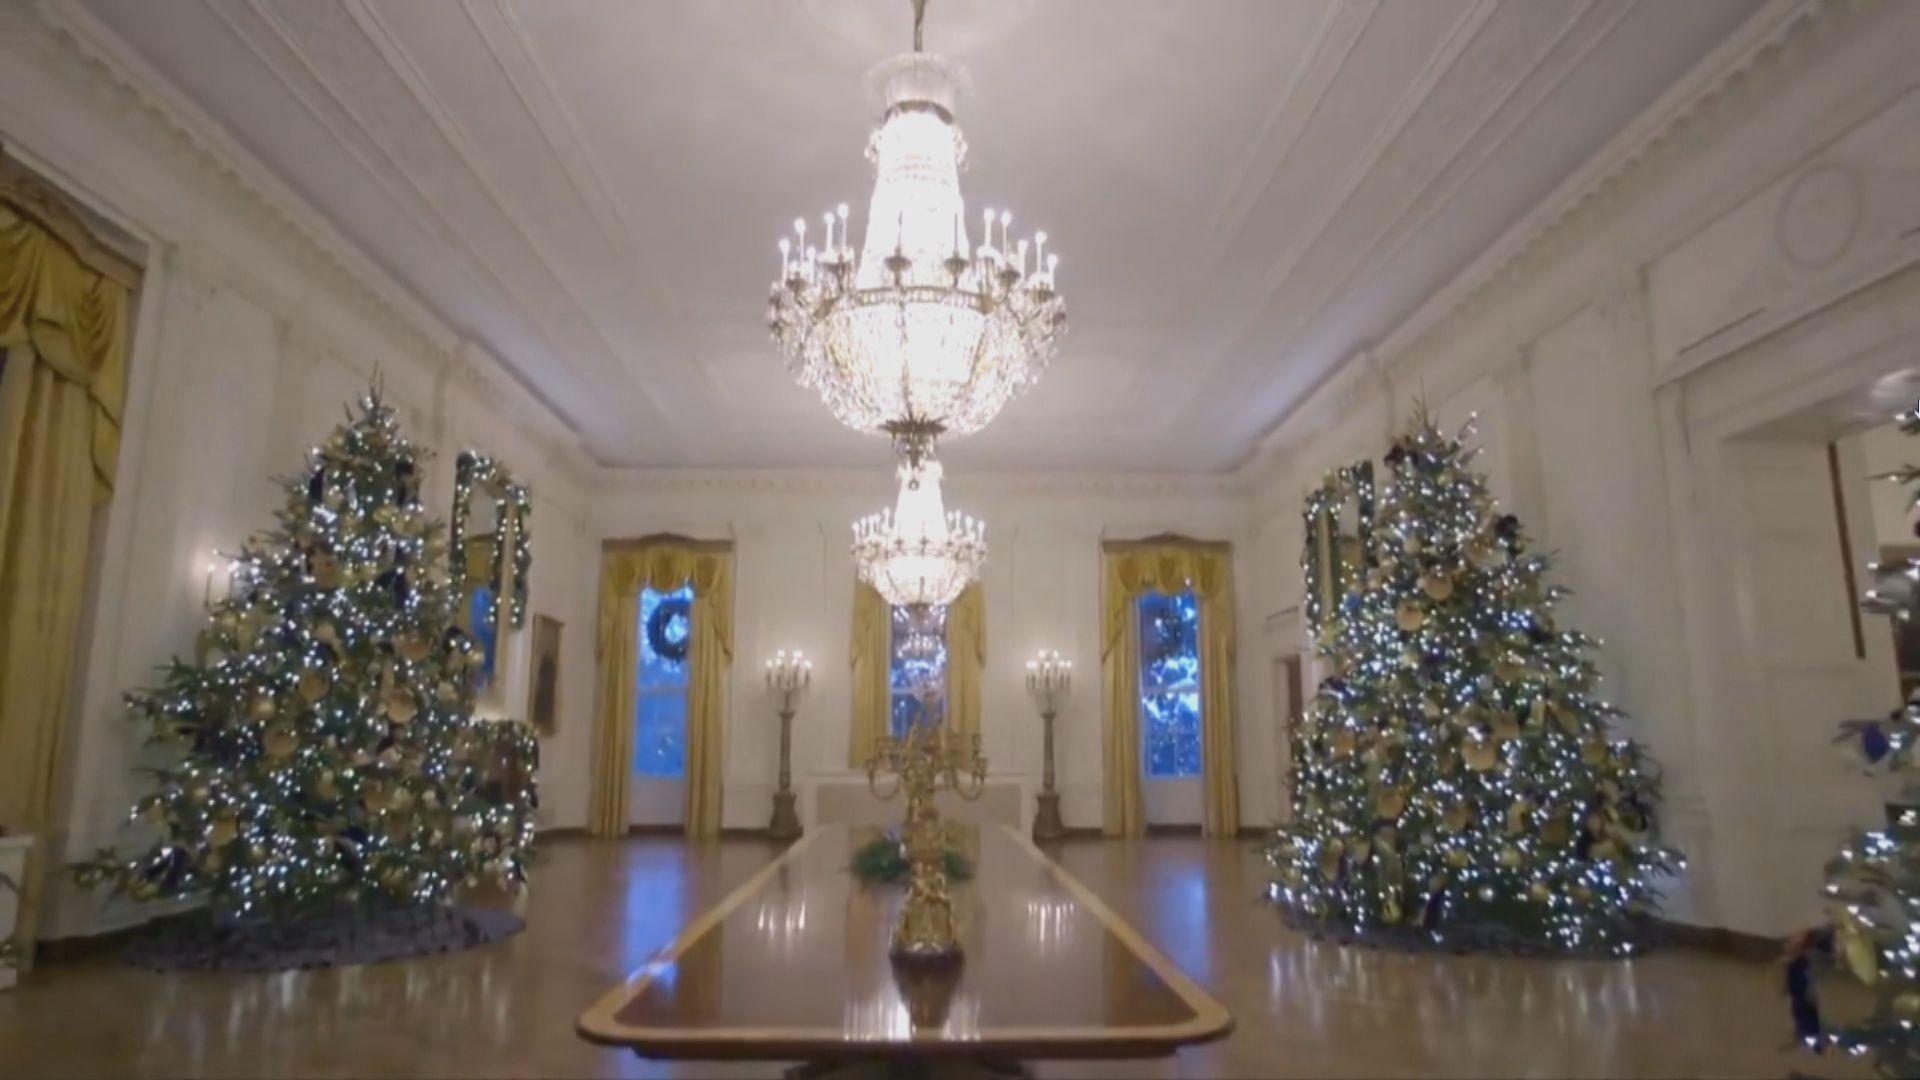 【環球薈報】美國白宮聖誕佈置亮相